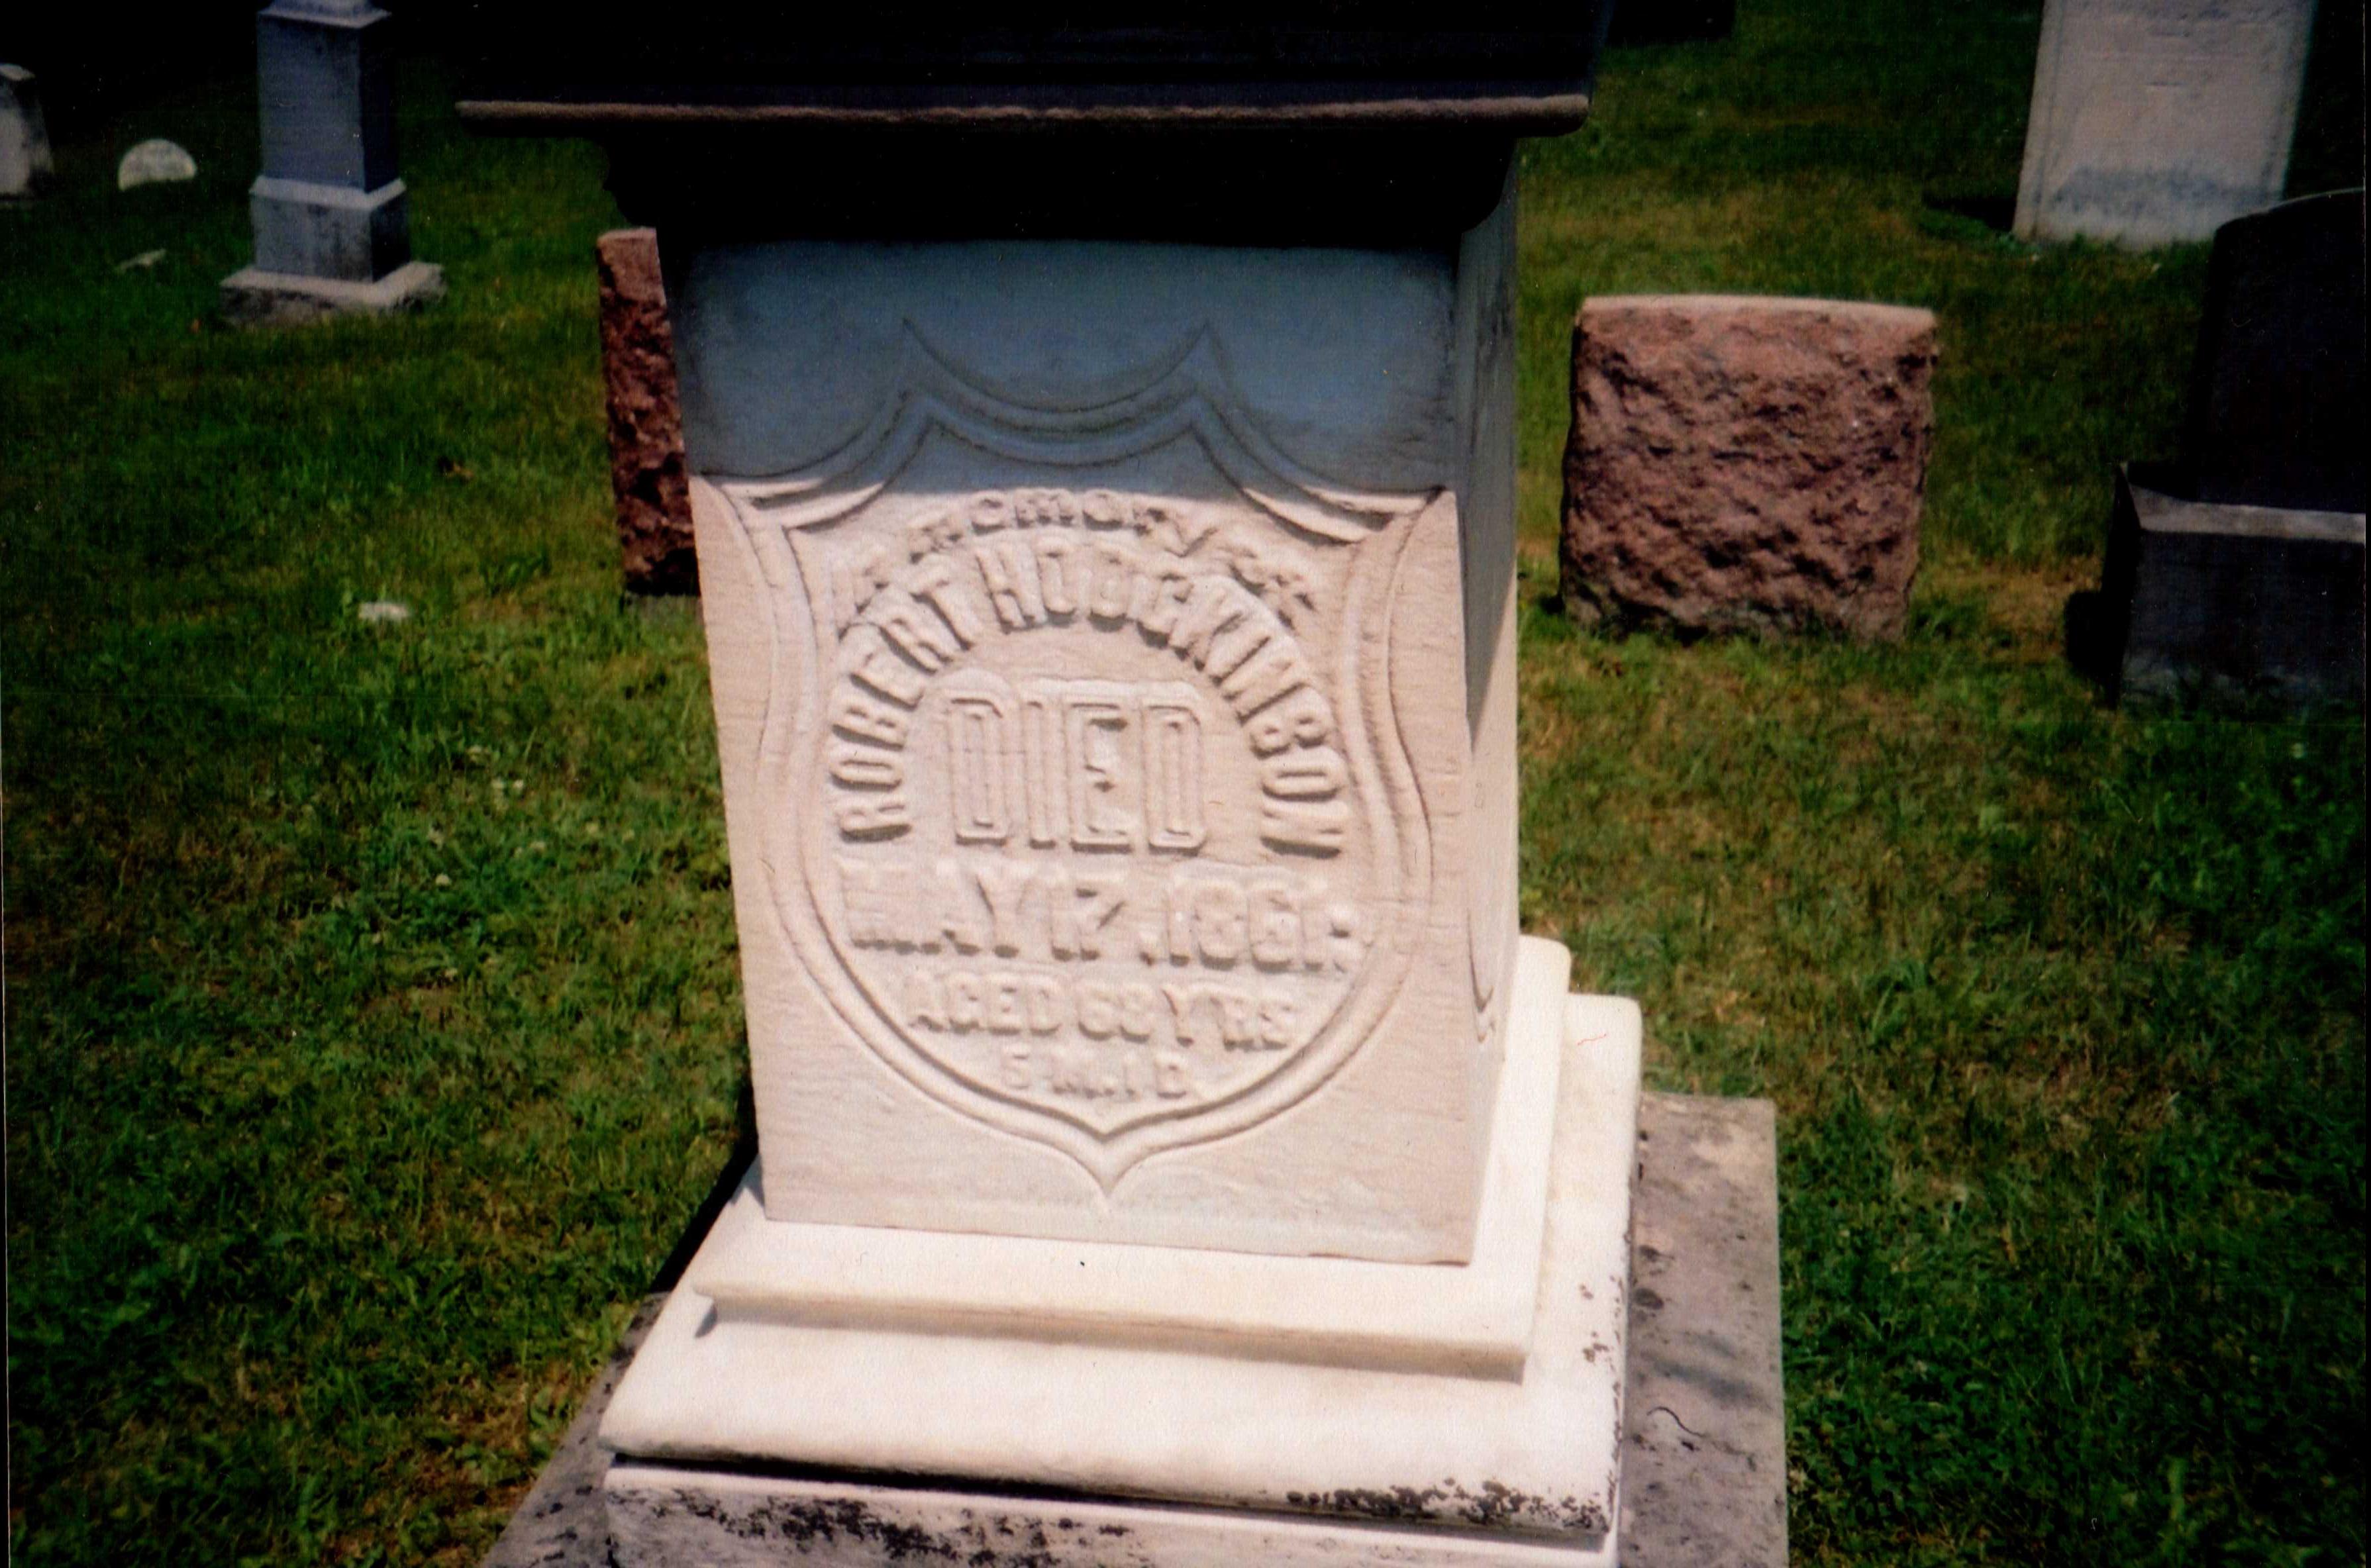 robert-hodgkinson-grave-marker-rotated.jpg